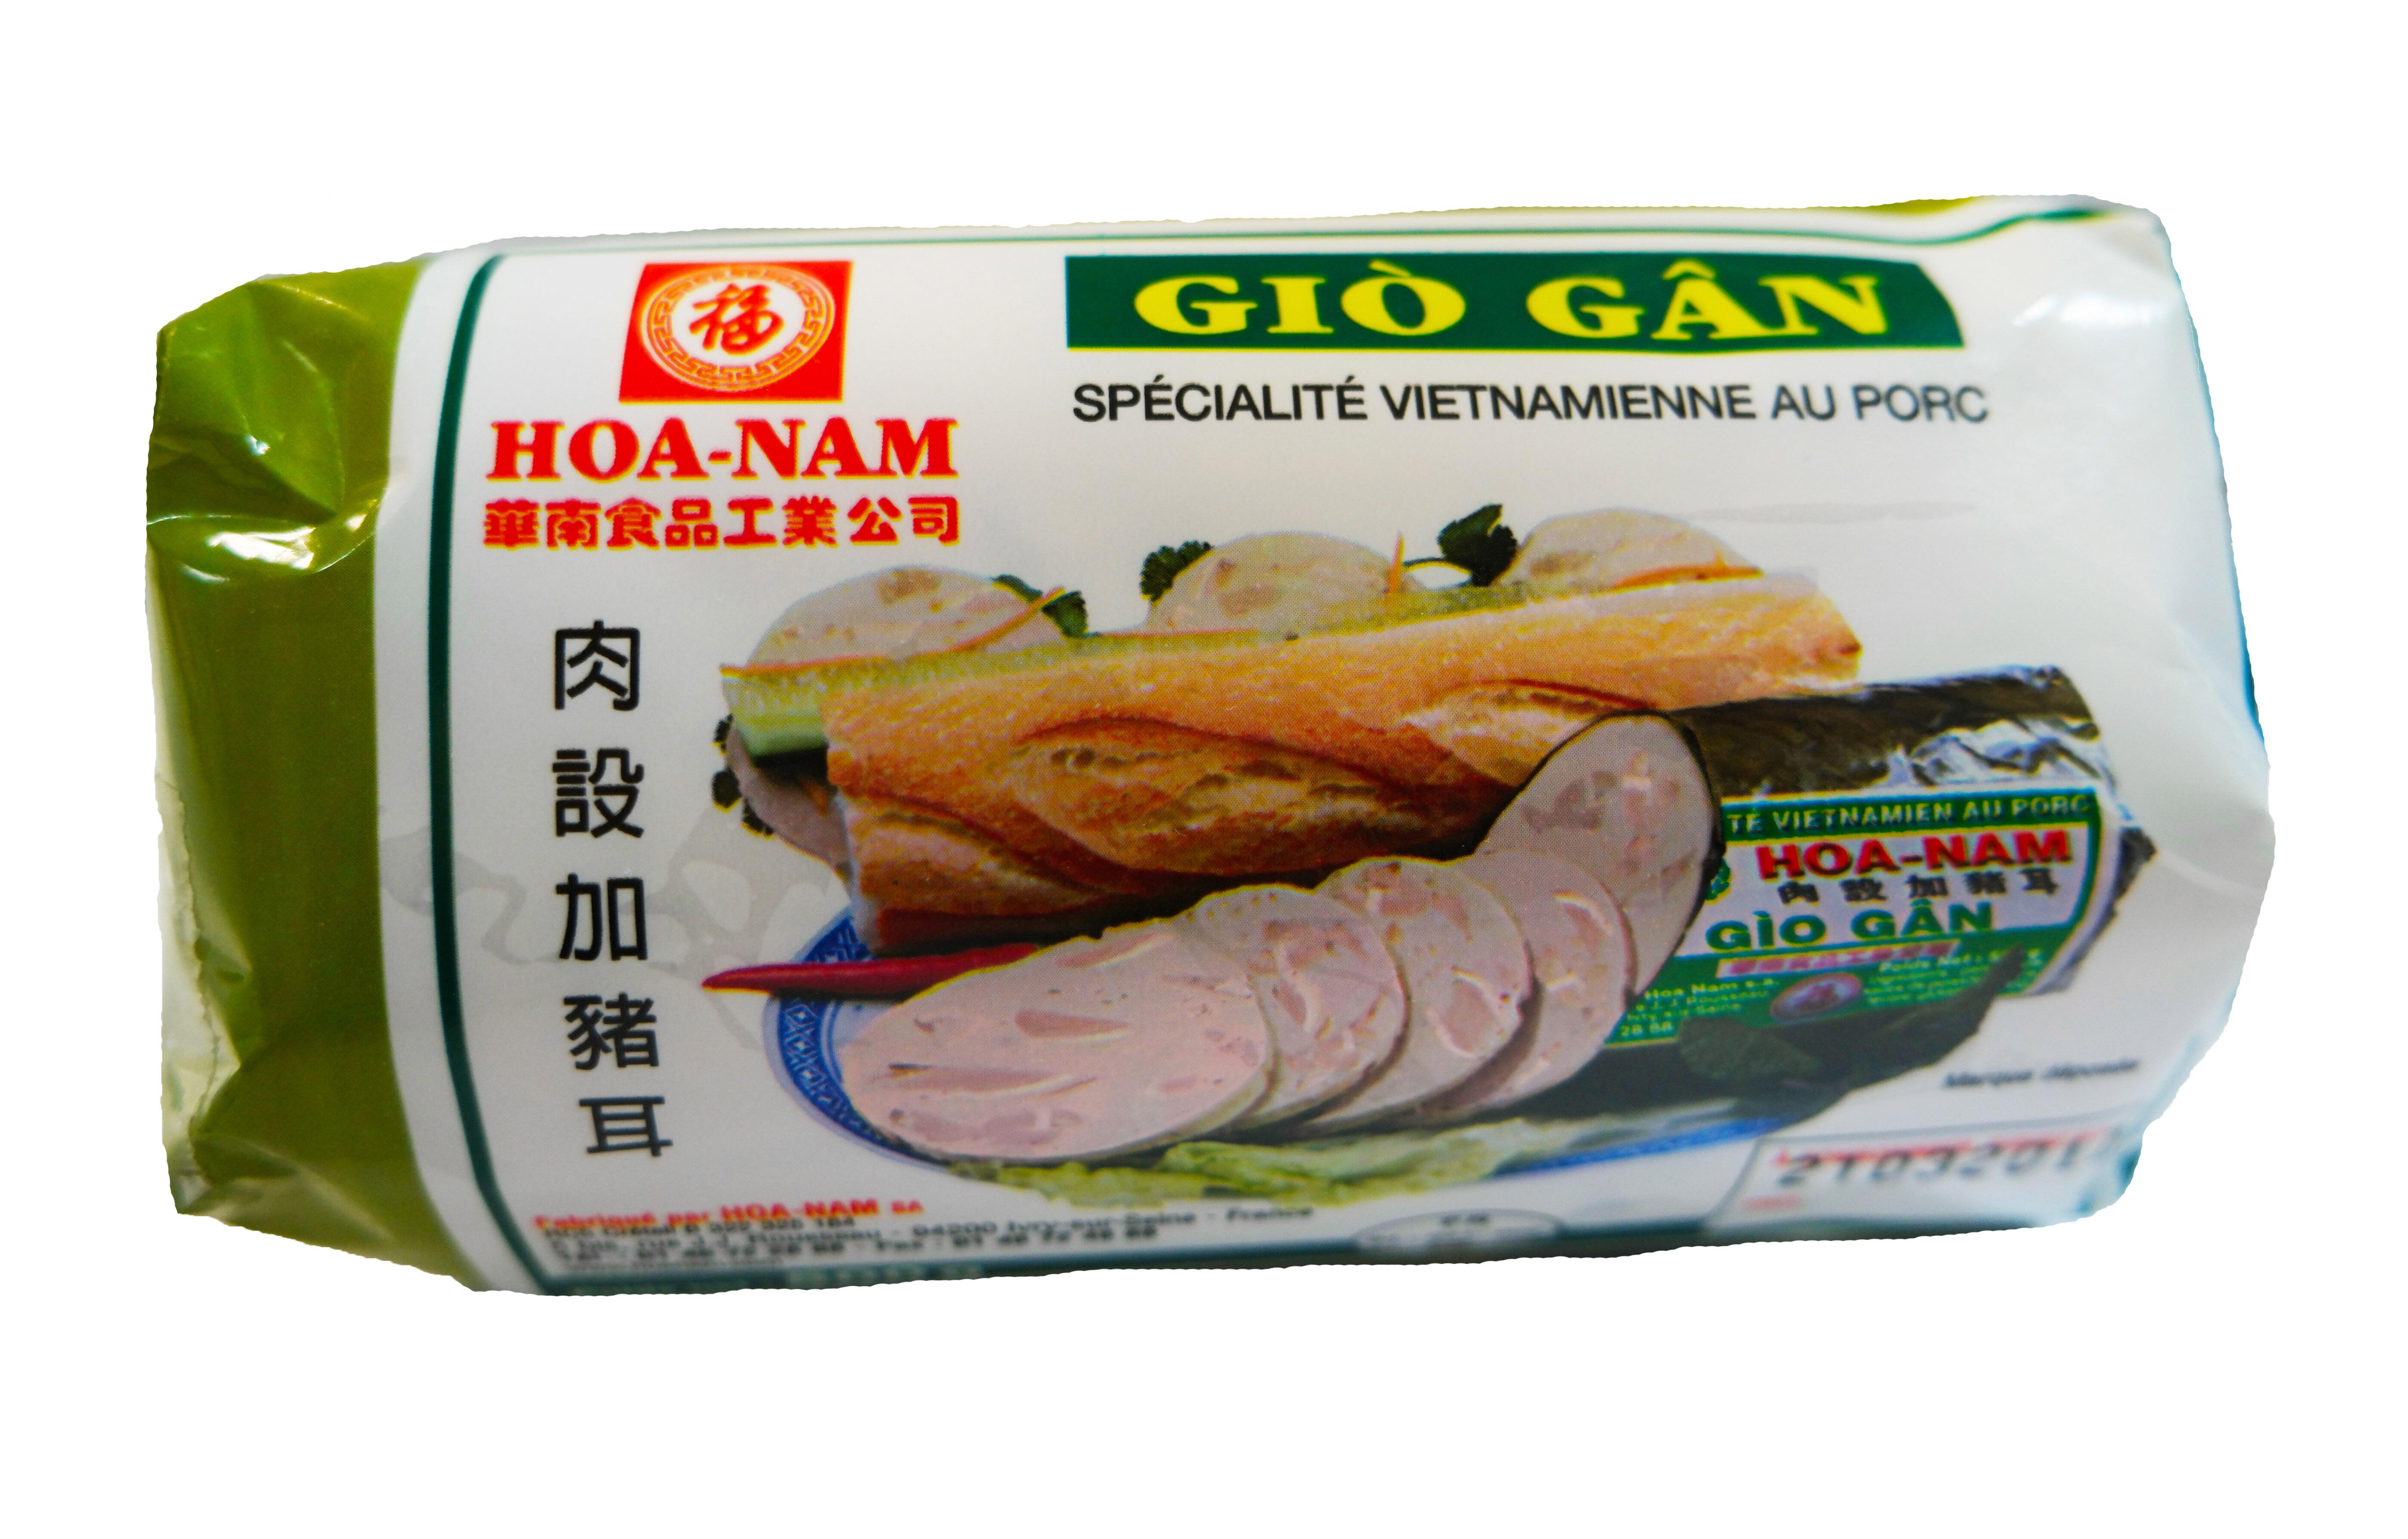 Pâté vietnamien au porc Gio Gan, Hoanam (500 g)